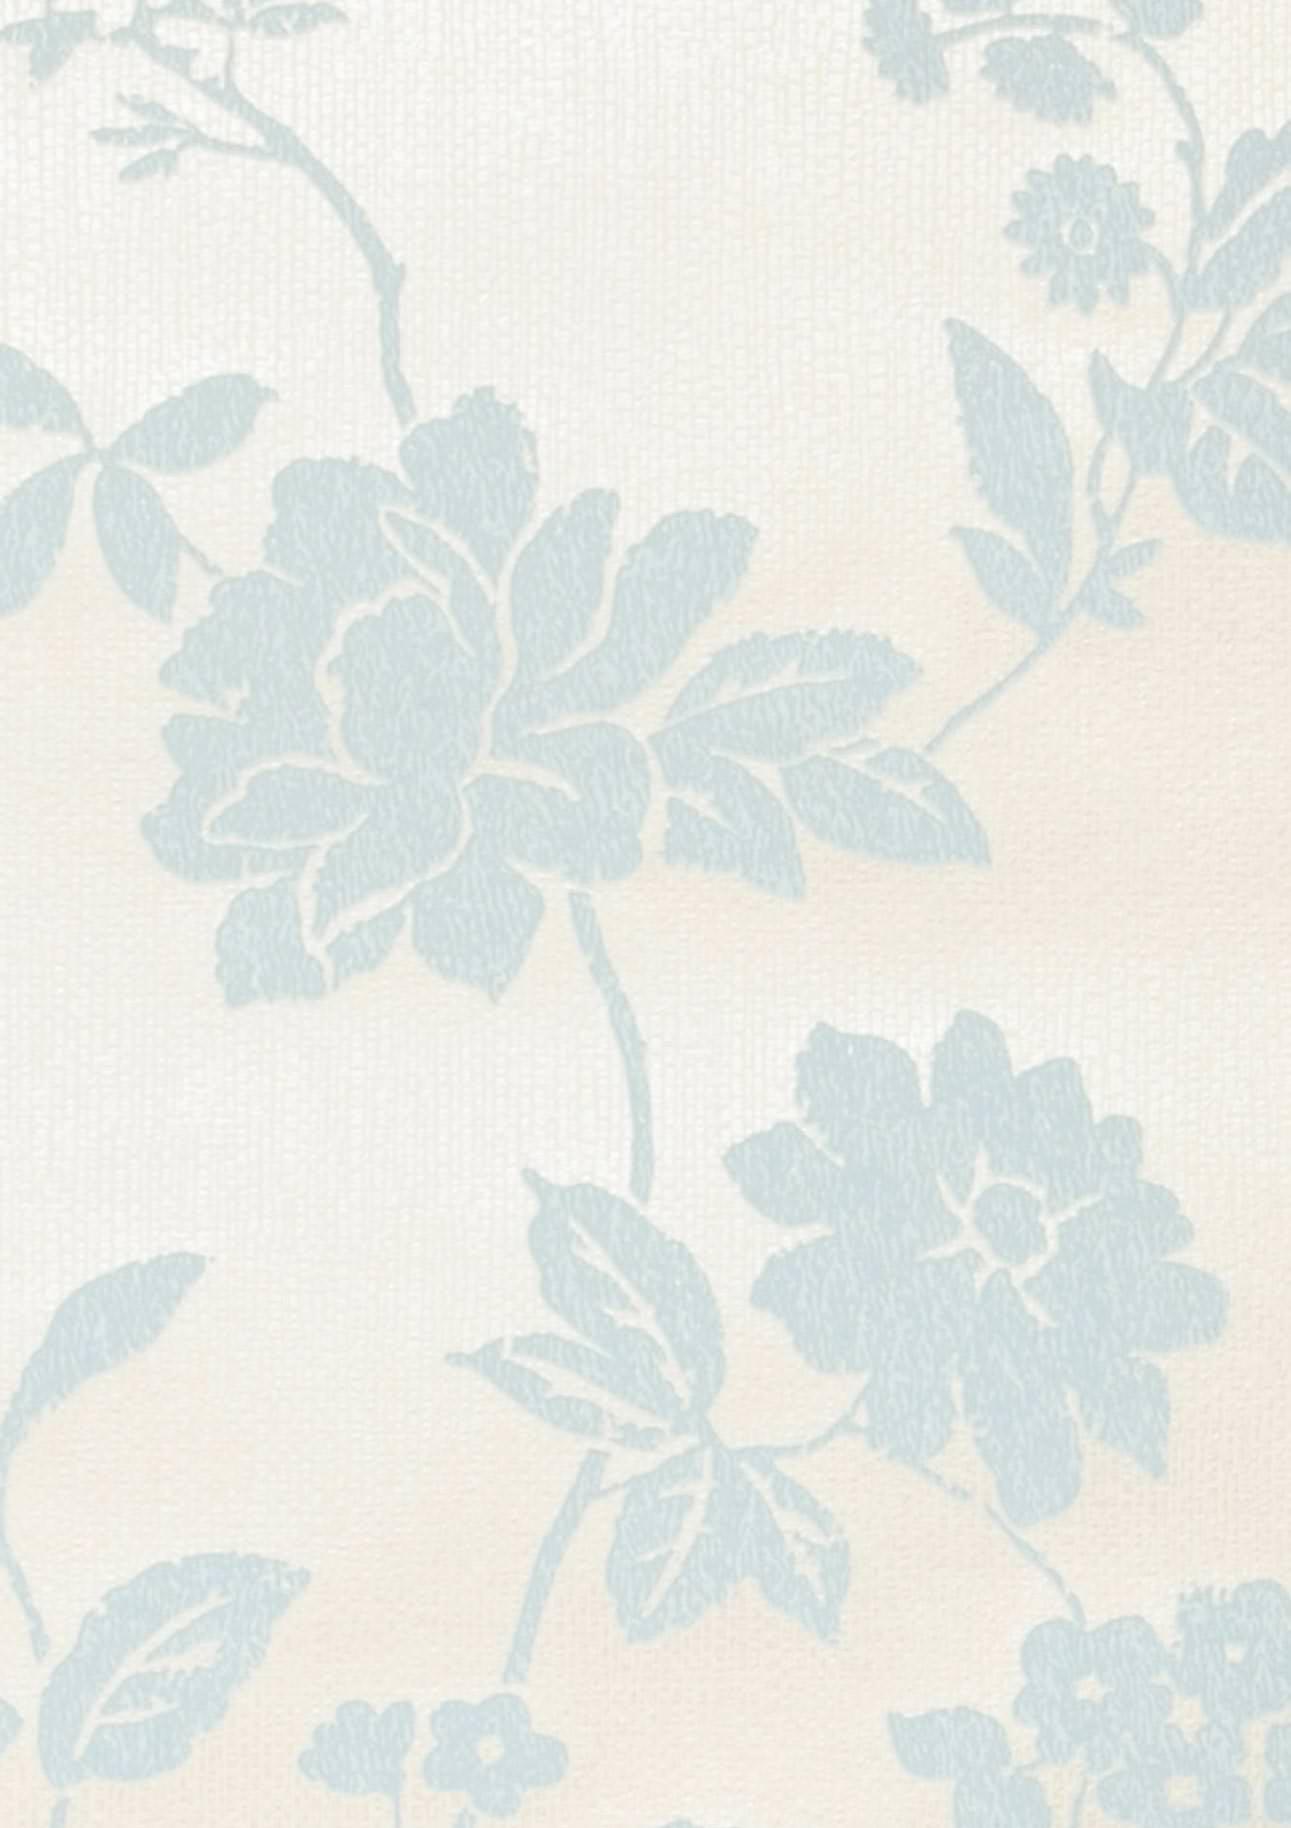 Tapete skadi grauweiss hellblau tapeten der 70er for Tapete hellblau